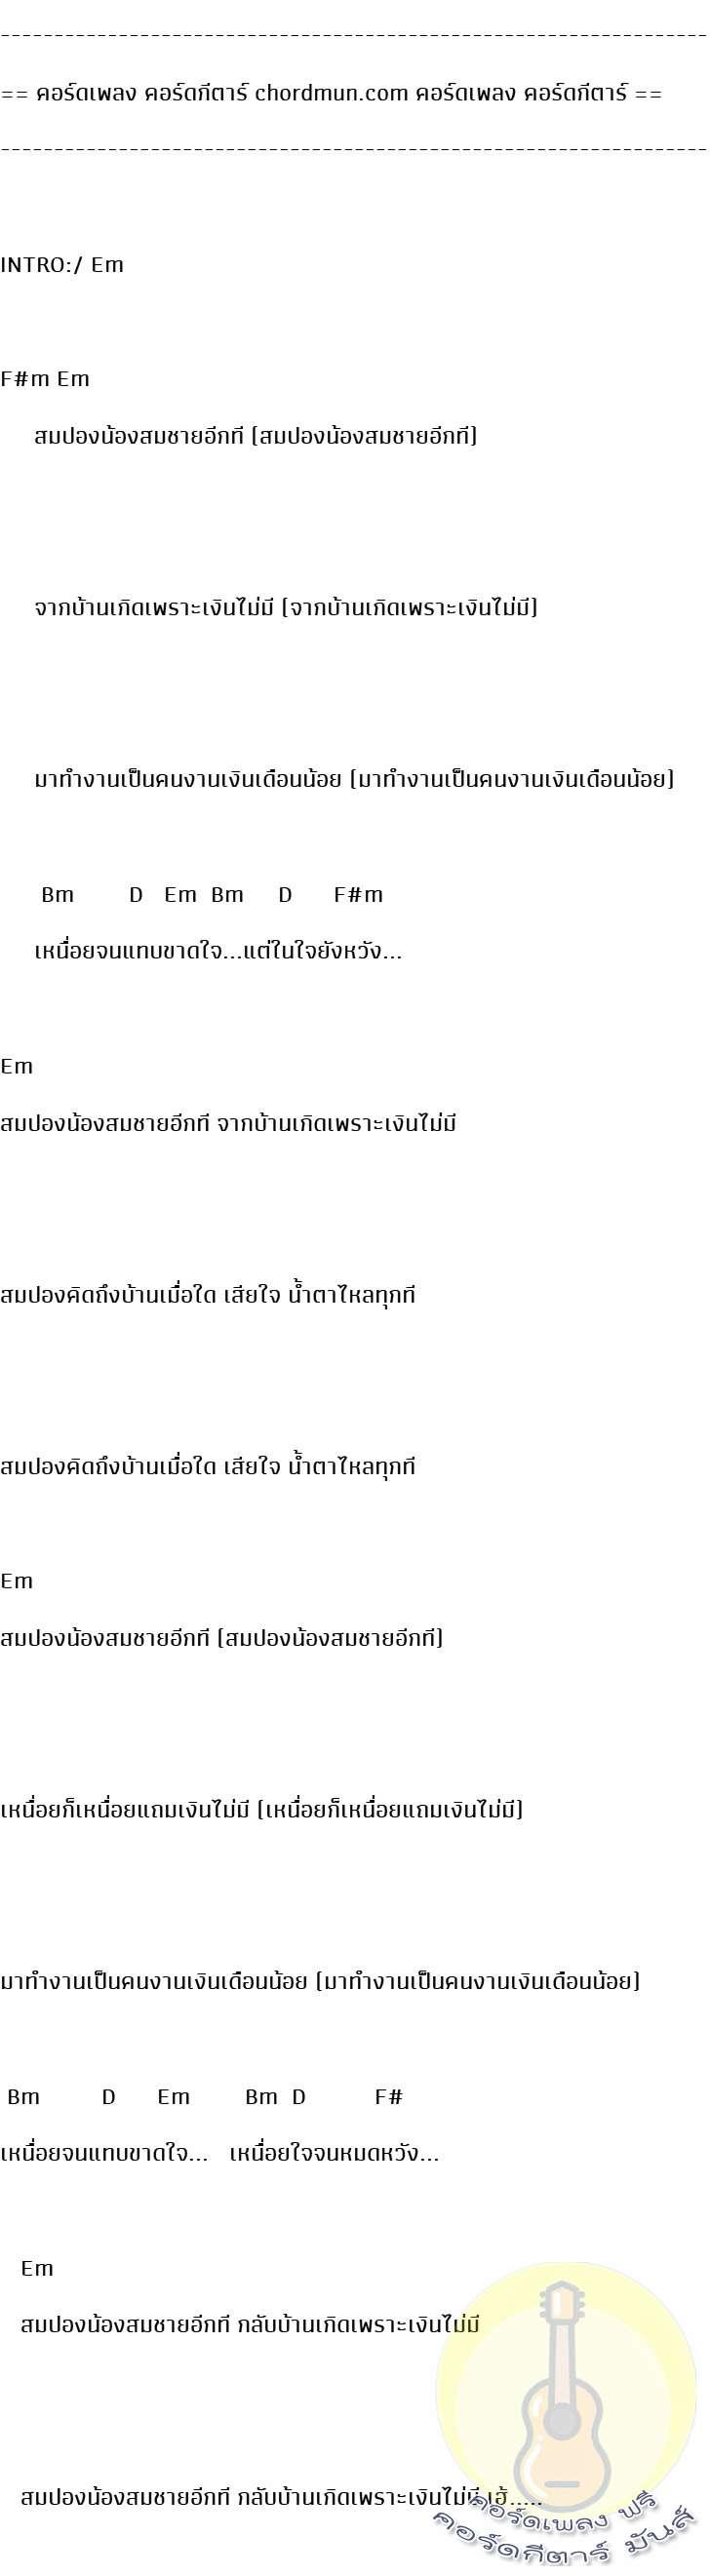 คอร์ดกีต้าง่ายๆ  เพลง สมปองน้องสมชาย